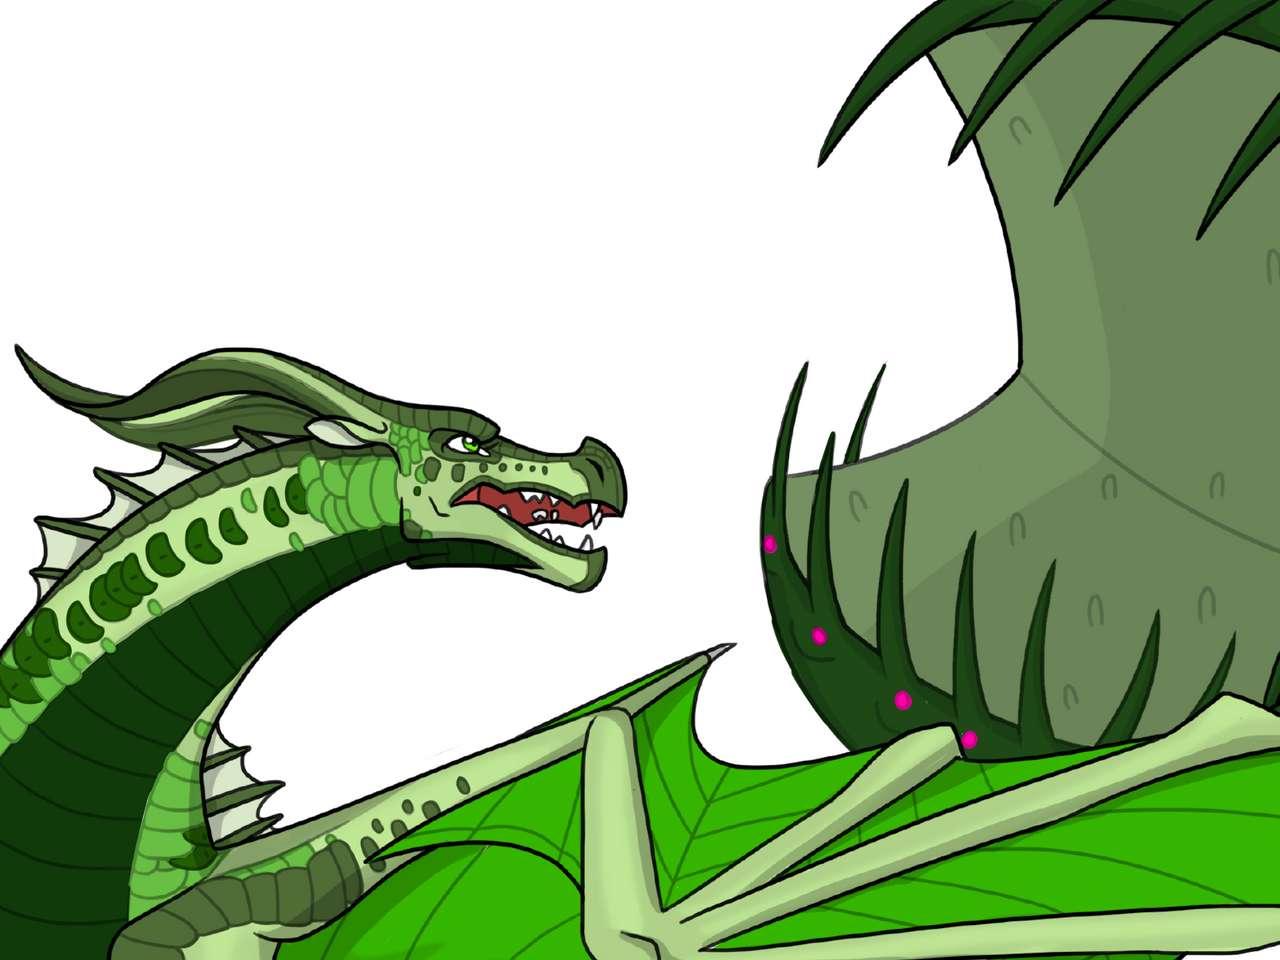 Asas de fogo Leafwing - Um dragão da série de livros (12×9)